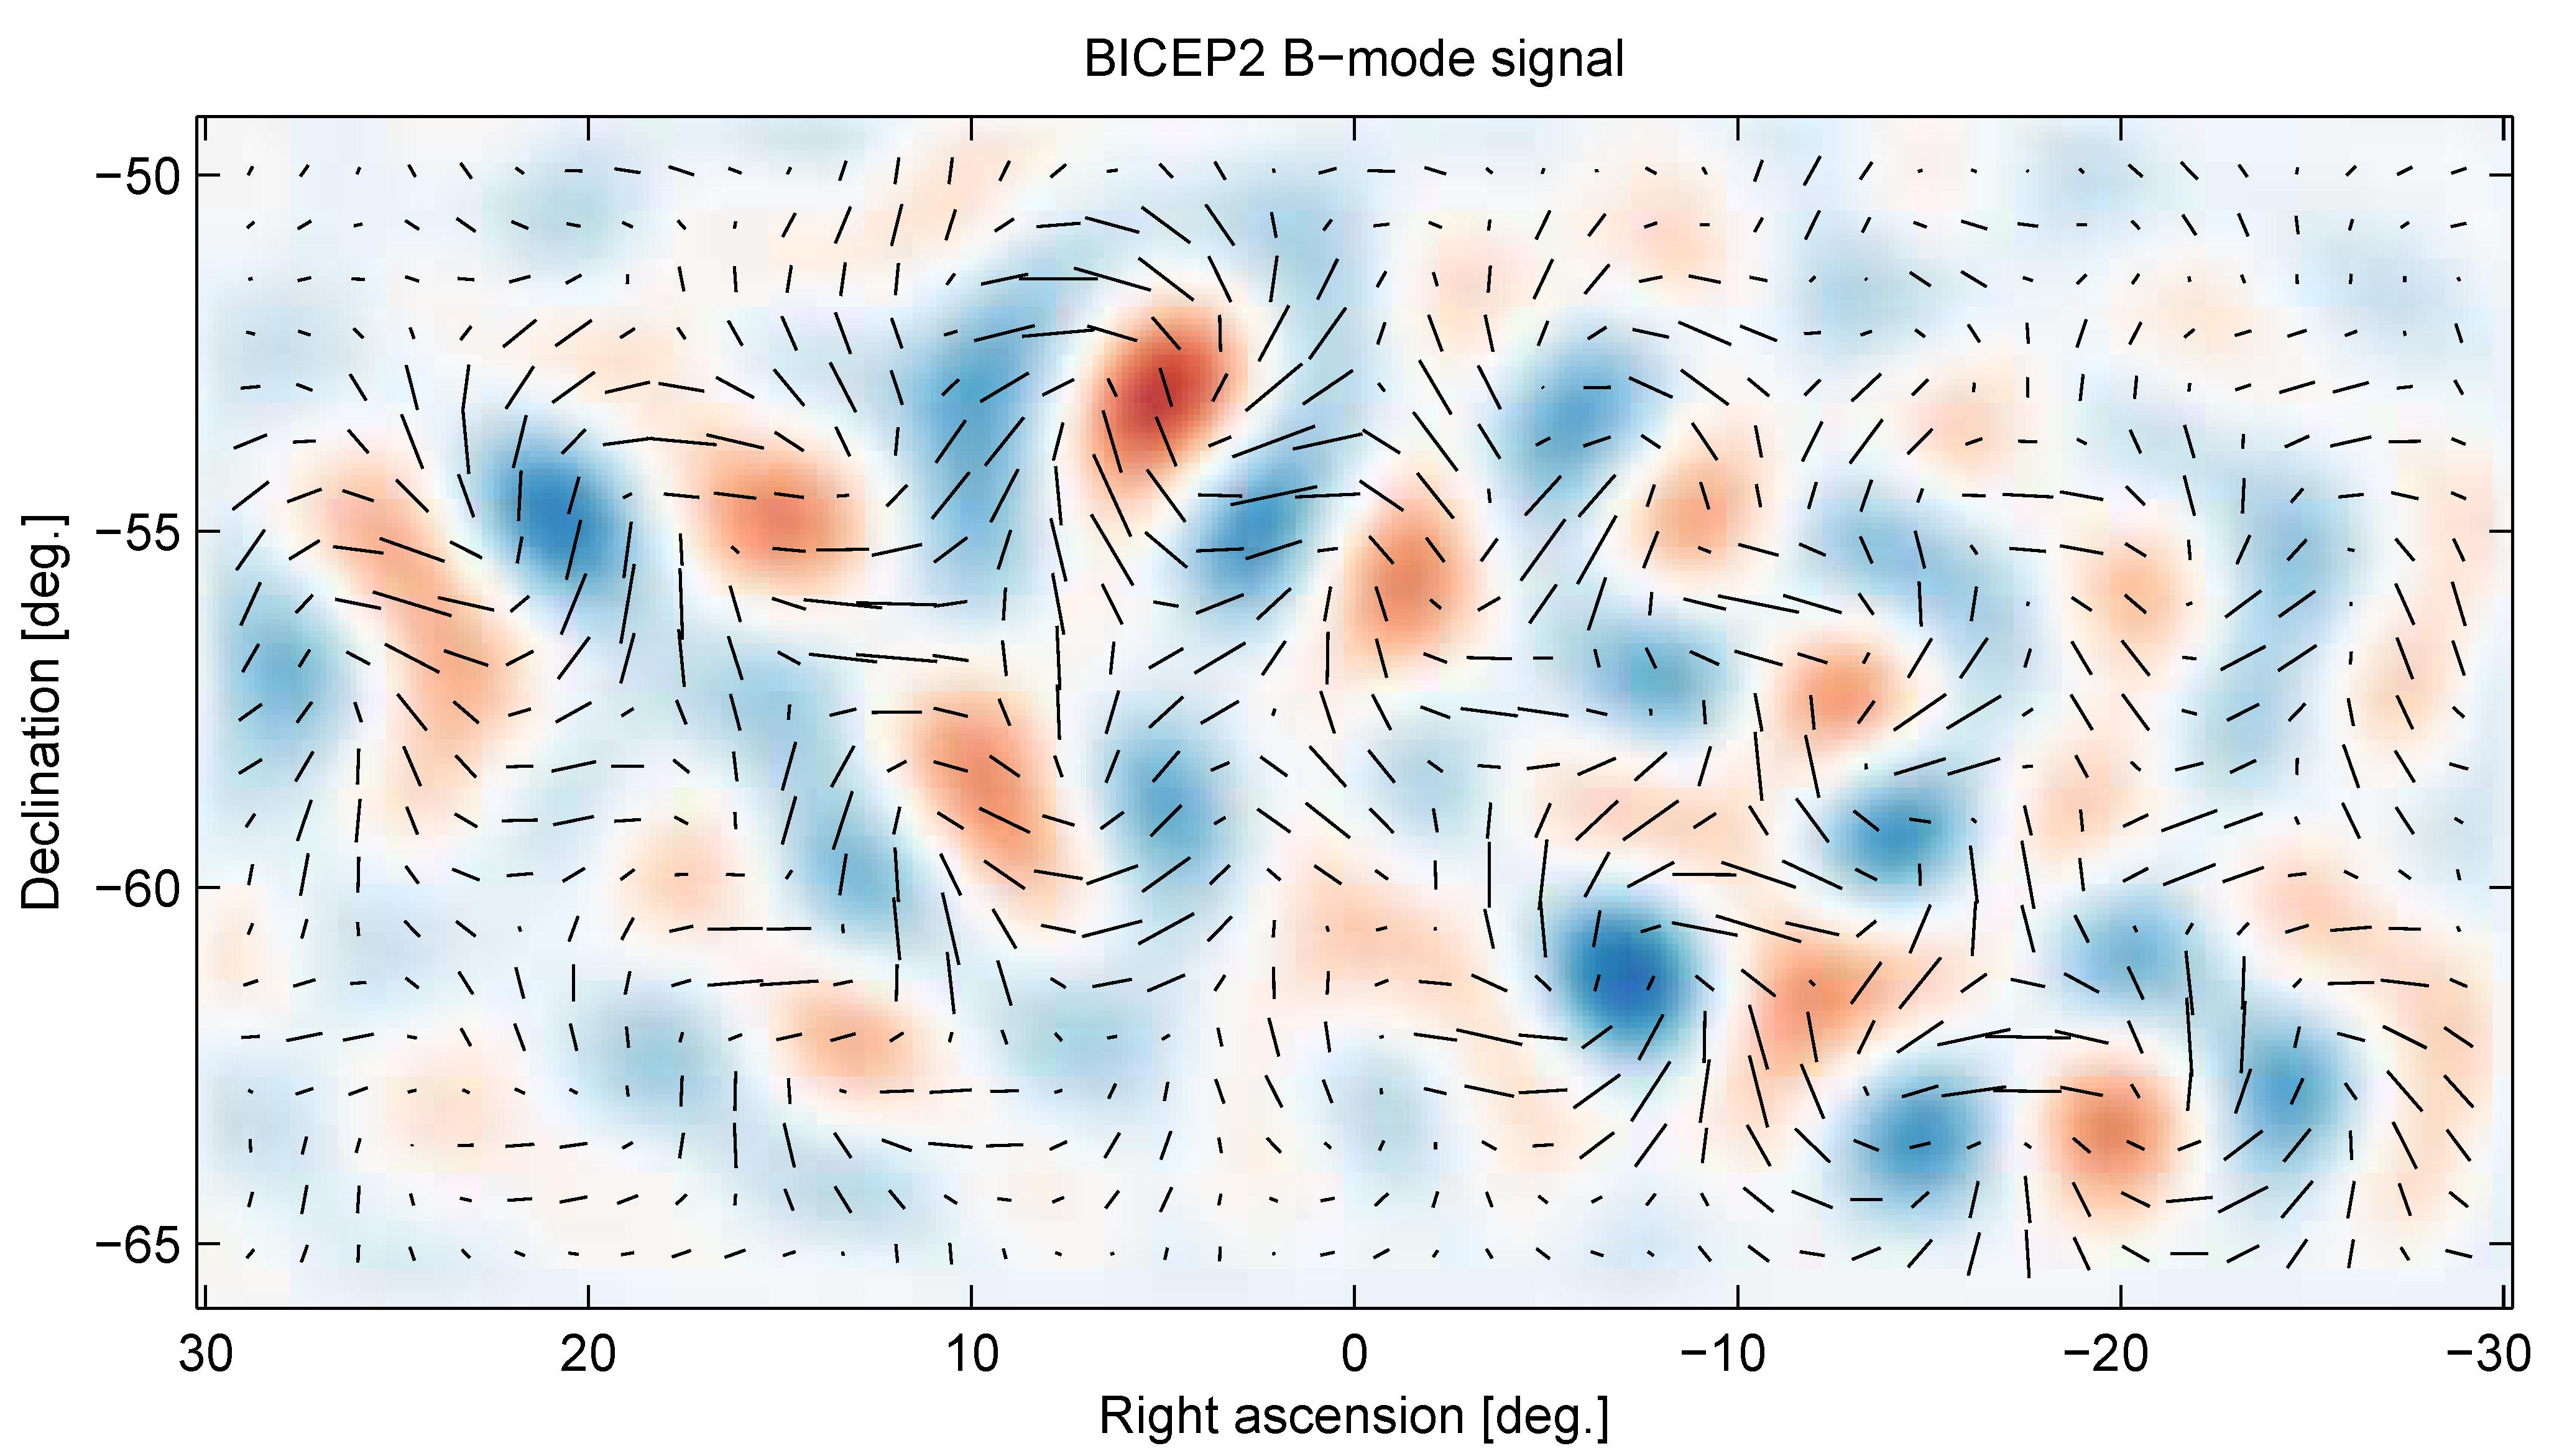 Luz polarizada en modo B detectada por el telescopio BICEP2, situado en el polo Sur. El eje y representa la declinación y el eje x la ascensión recta, son las coordenadas utilizadas en astronomía para situar un objeto celeste en el cielo.